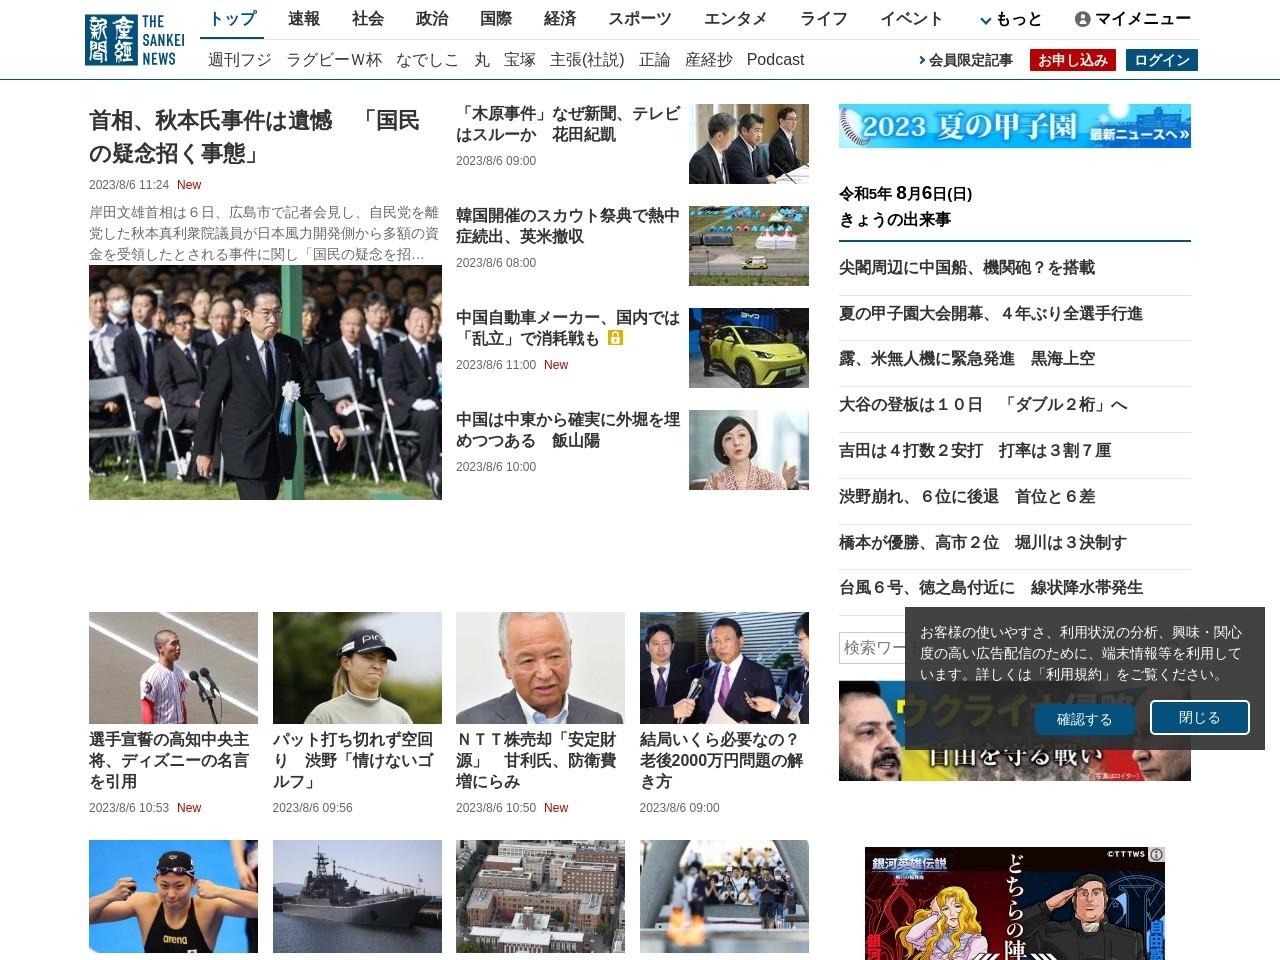 産経ニュース – ニュース特集